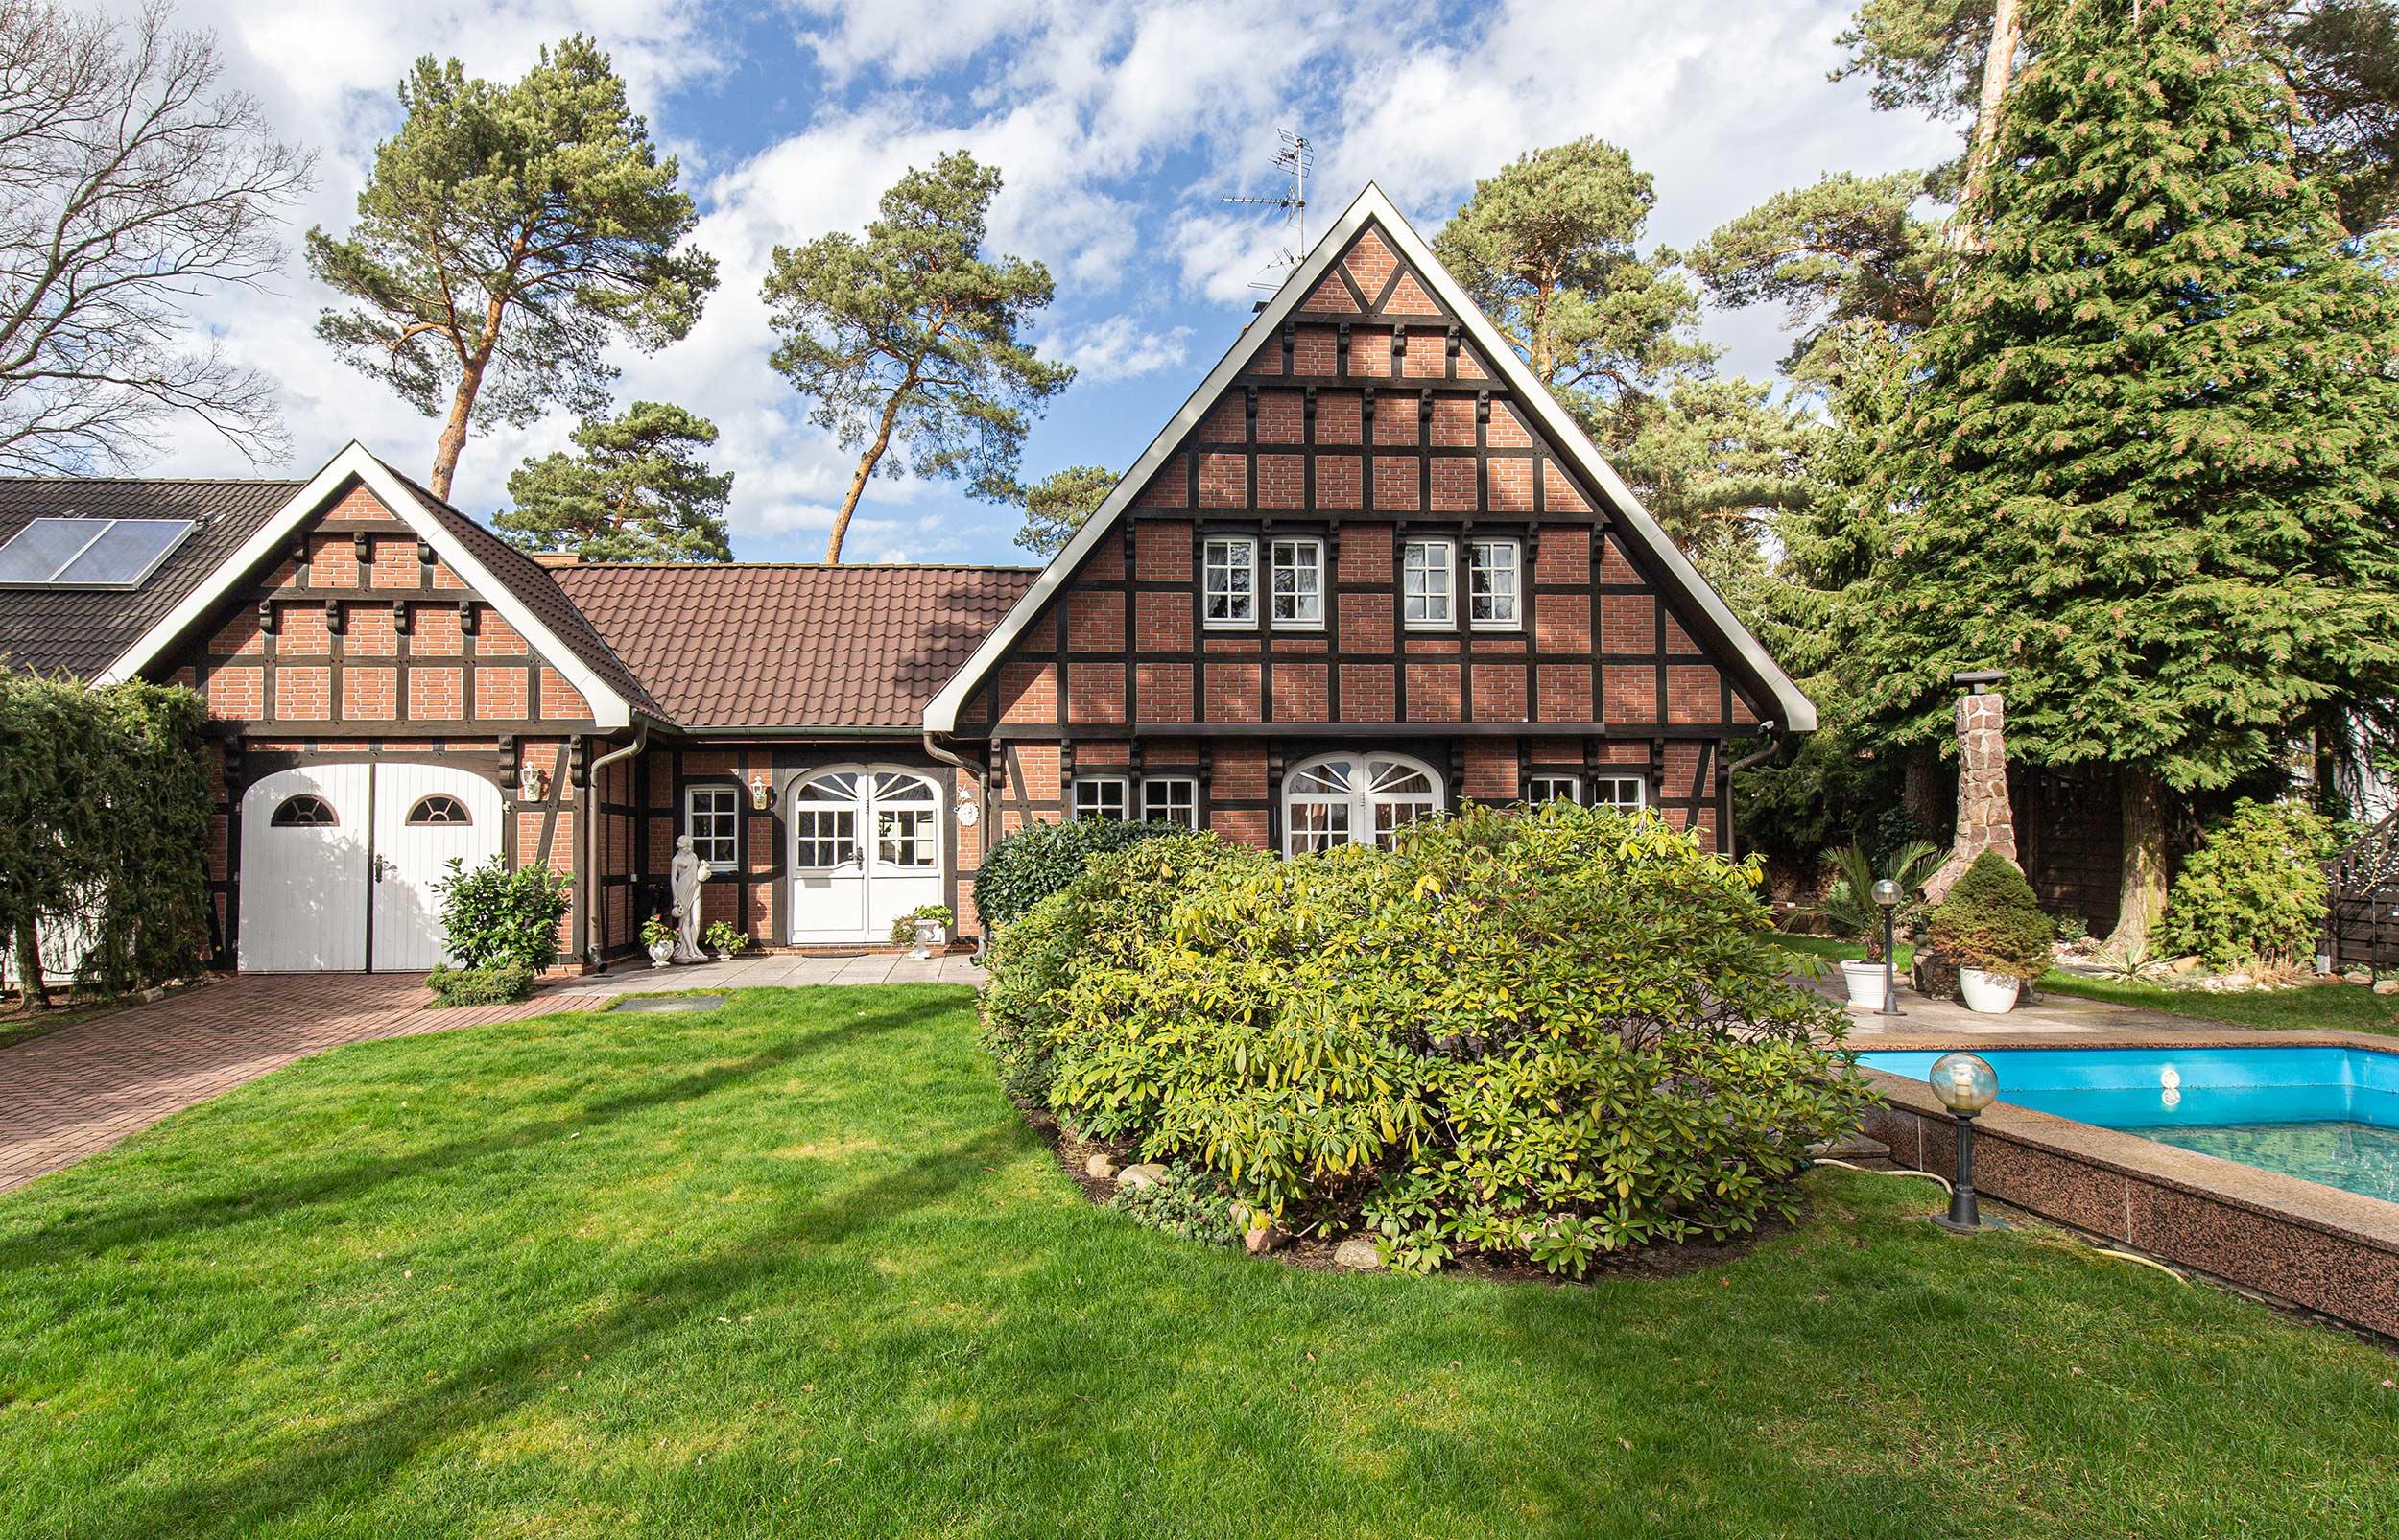 Erstklassig gepflegtes Fachwerkhaus mit Südgarten und Swimmingpool